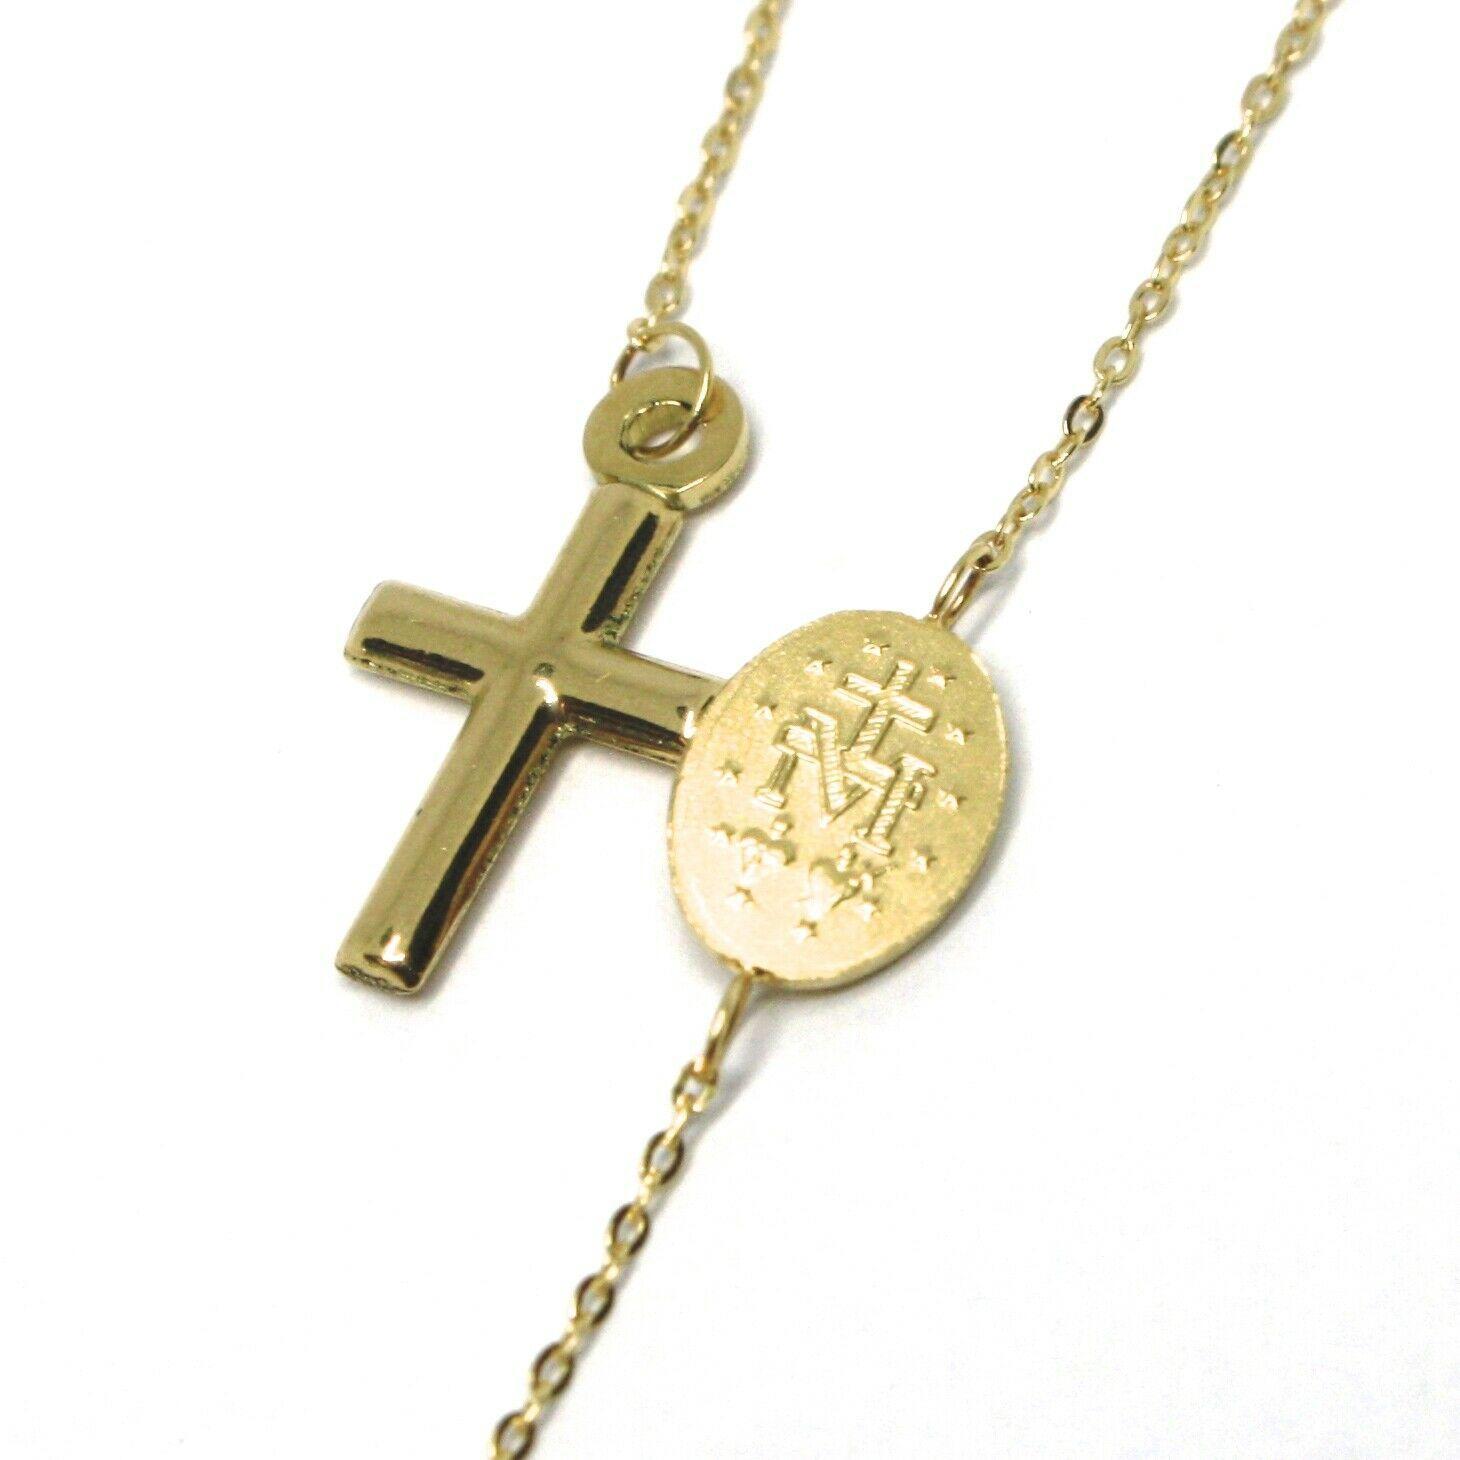 Mini Armband Gelbgold 18K 750,Rosenkranz,Überqueren,Medaille Wundertätige,20 CM